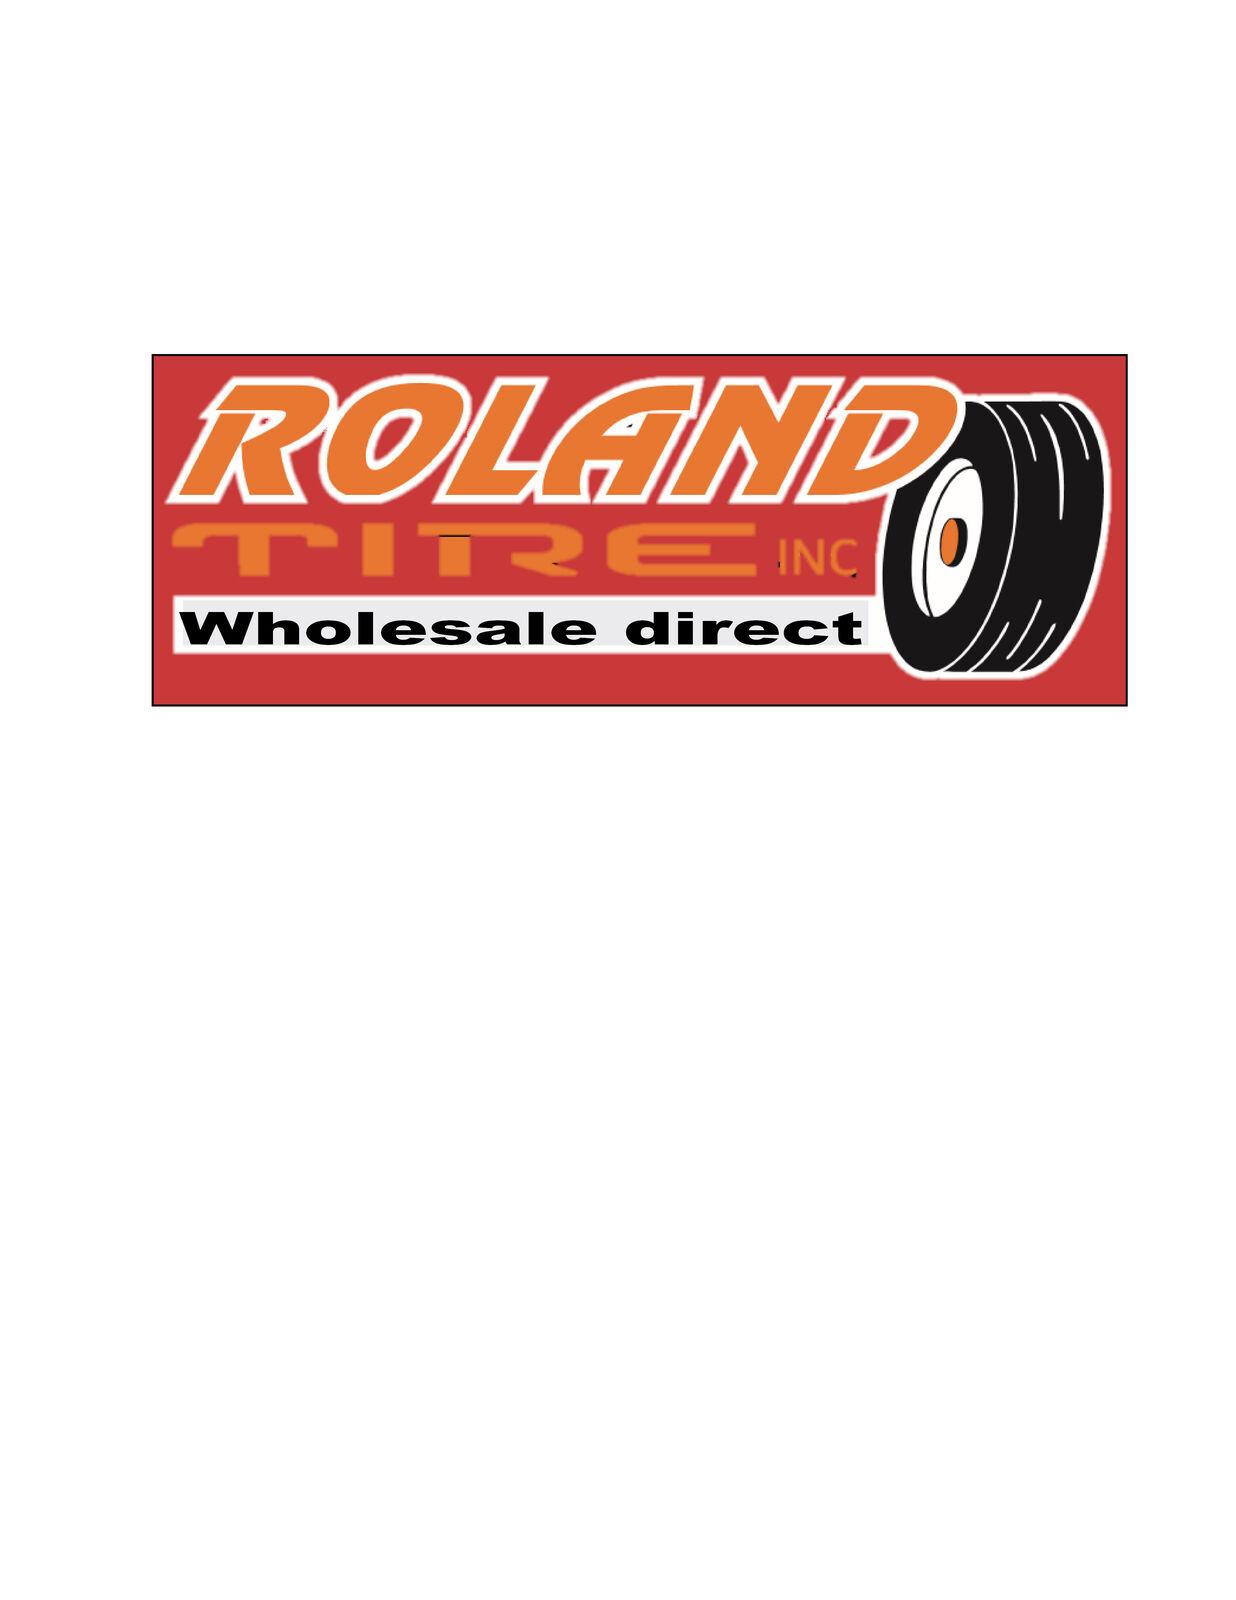 Roland Tire Wholesale direct